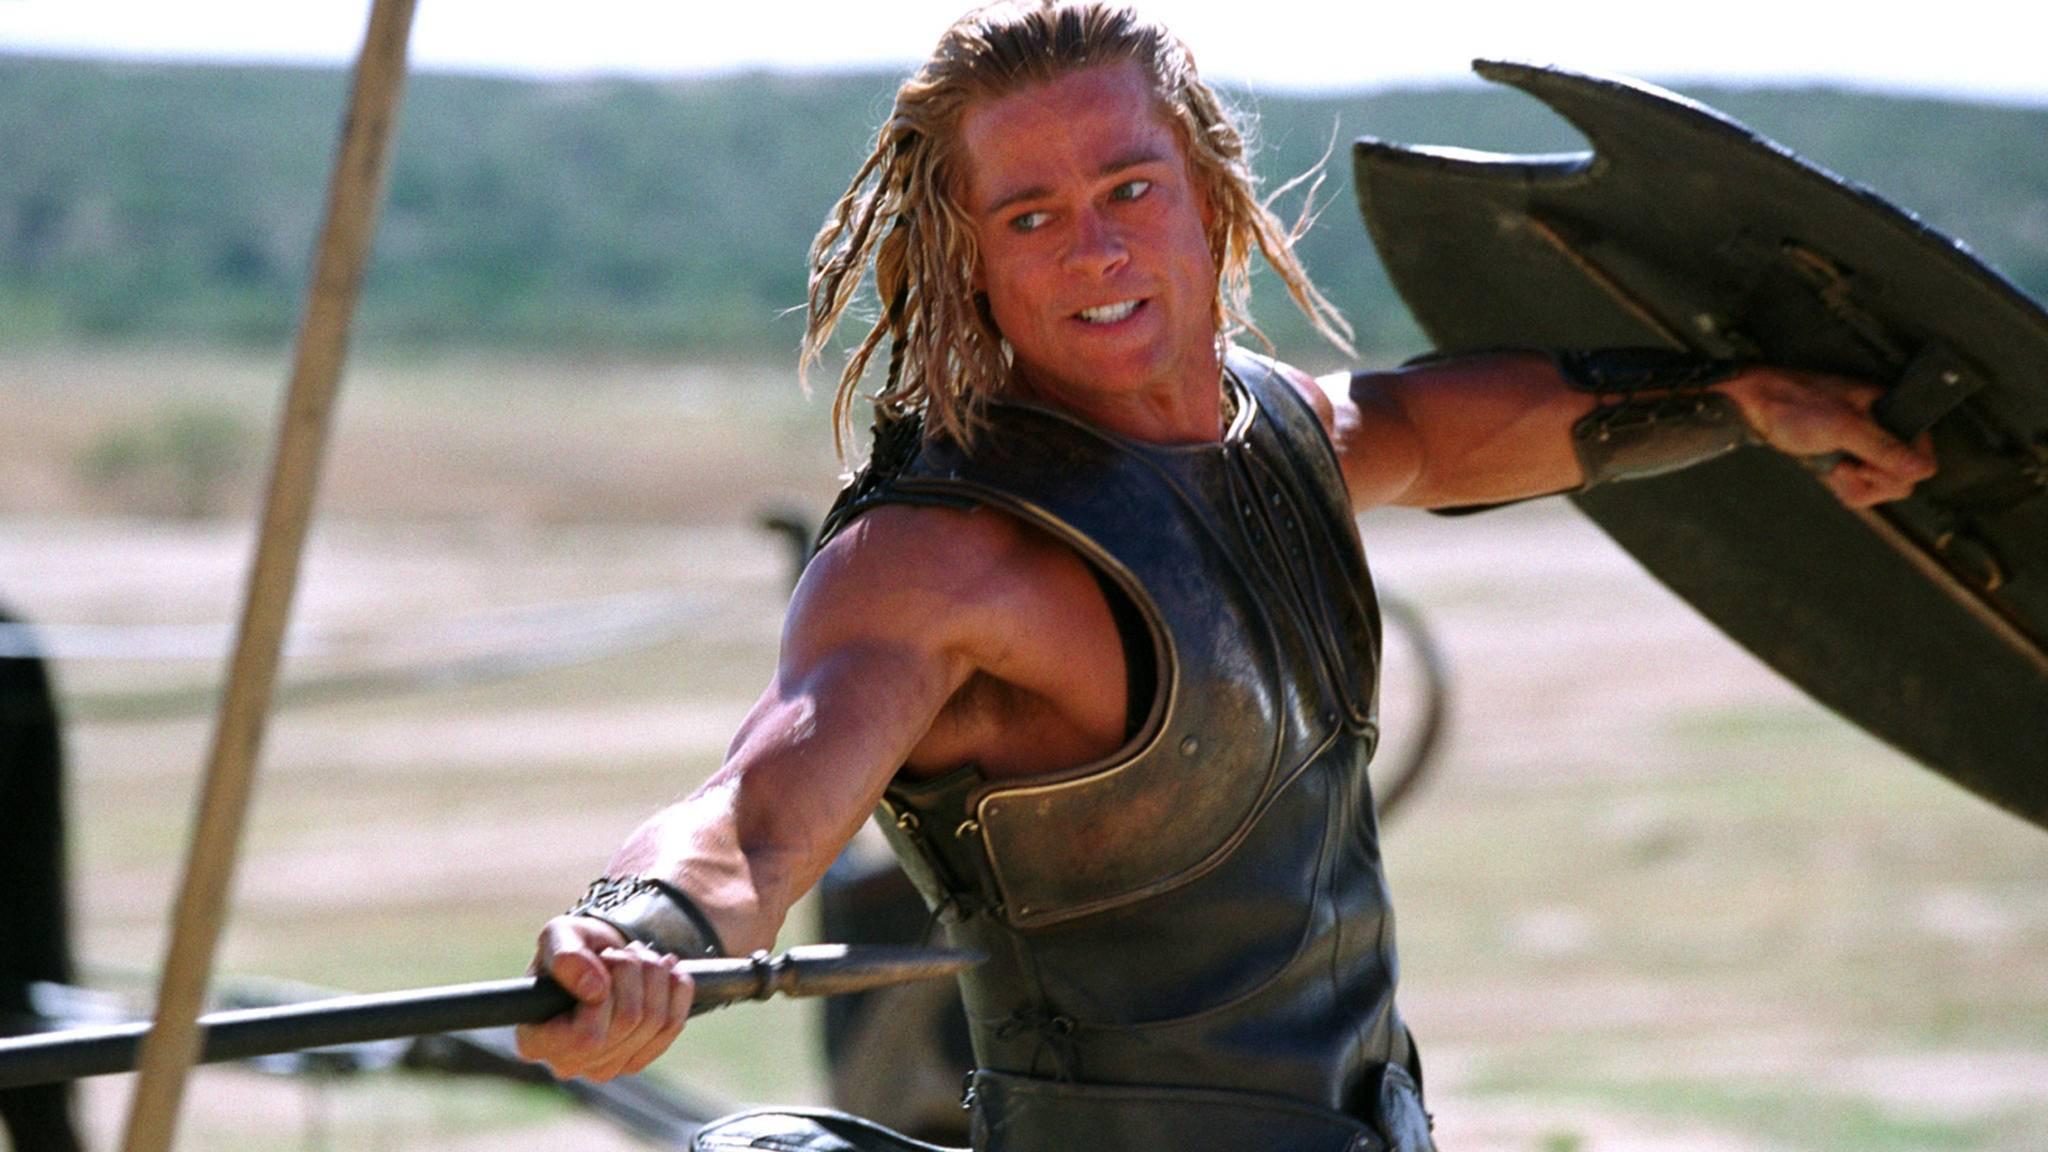 Ja, auch einem berühmten Schauspieler wie Brad Pitt unterlaufen mal filmische Fehltritte.